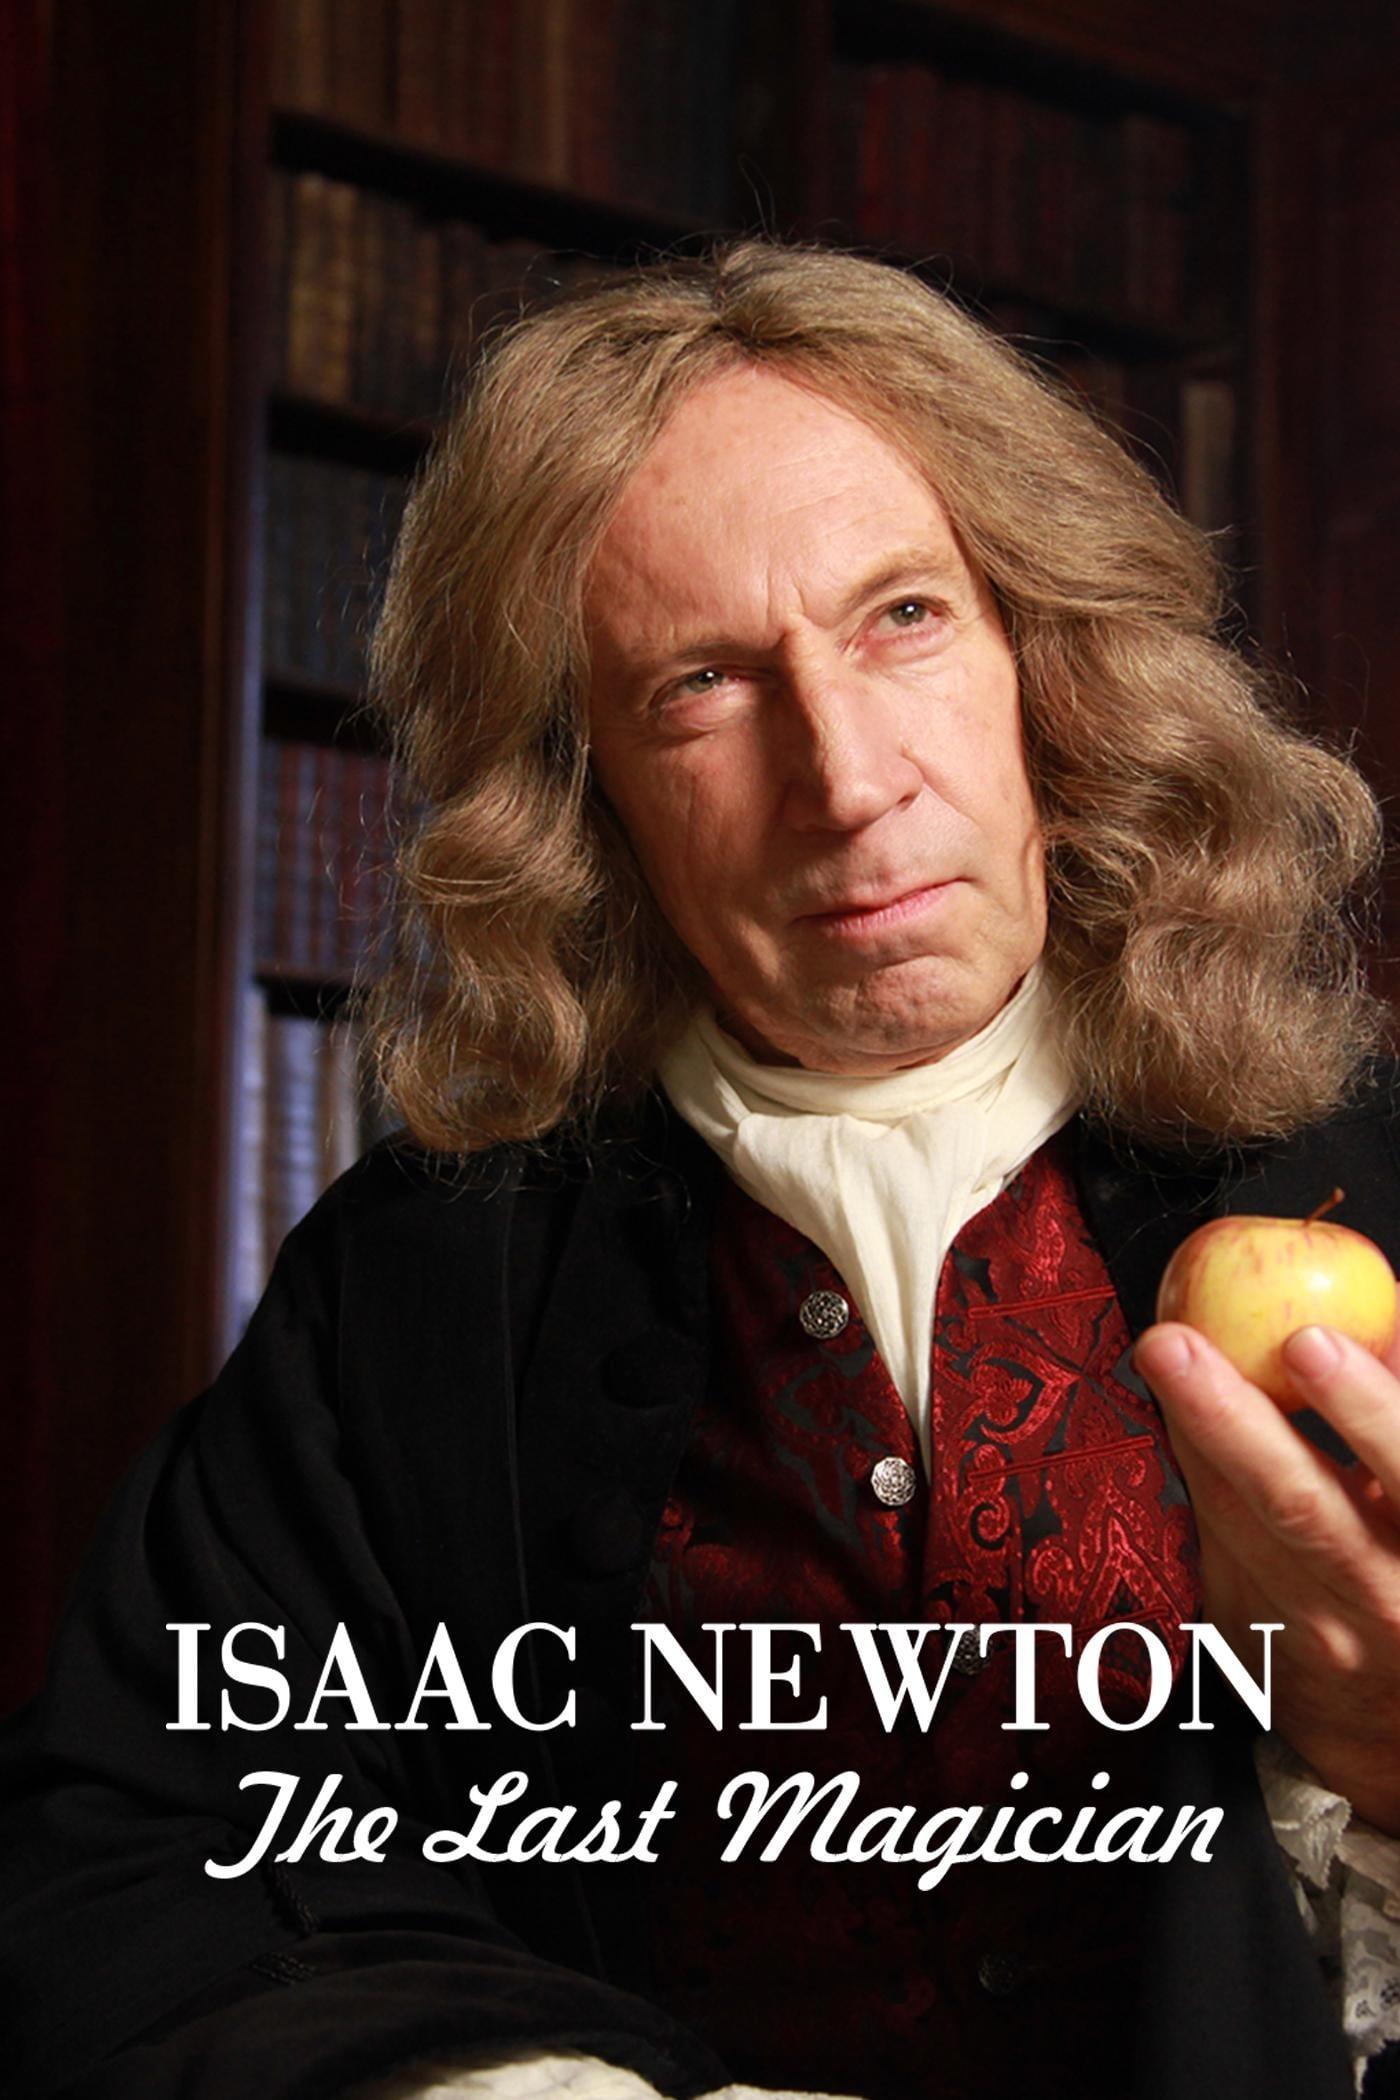 Isaac Newton: The Last Magician (2013)